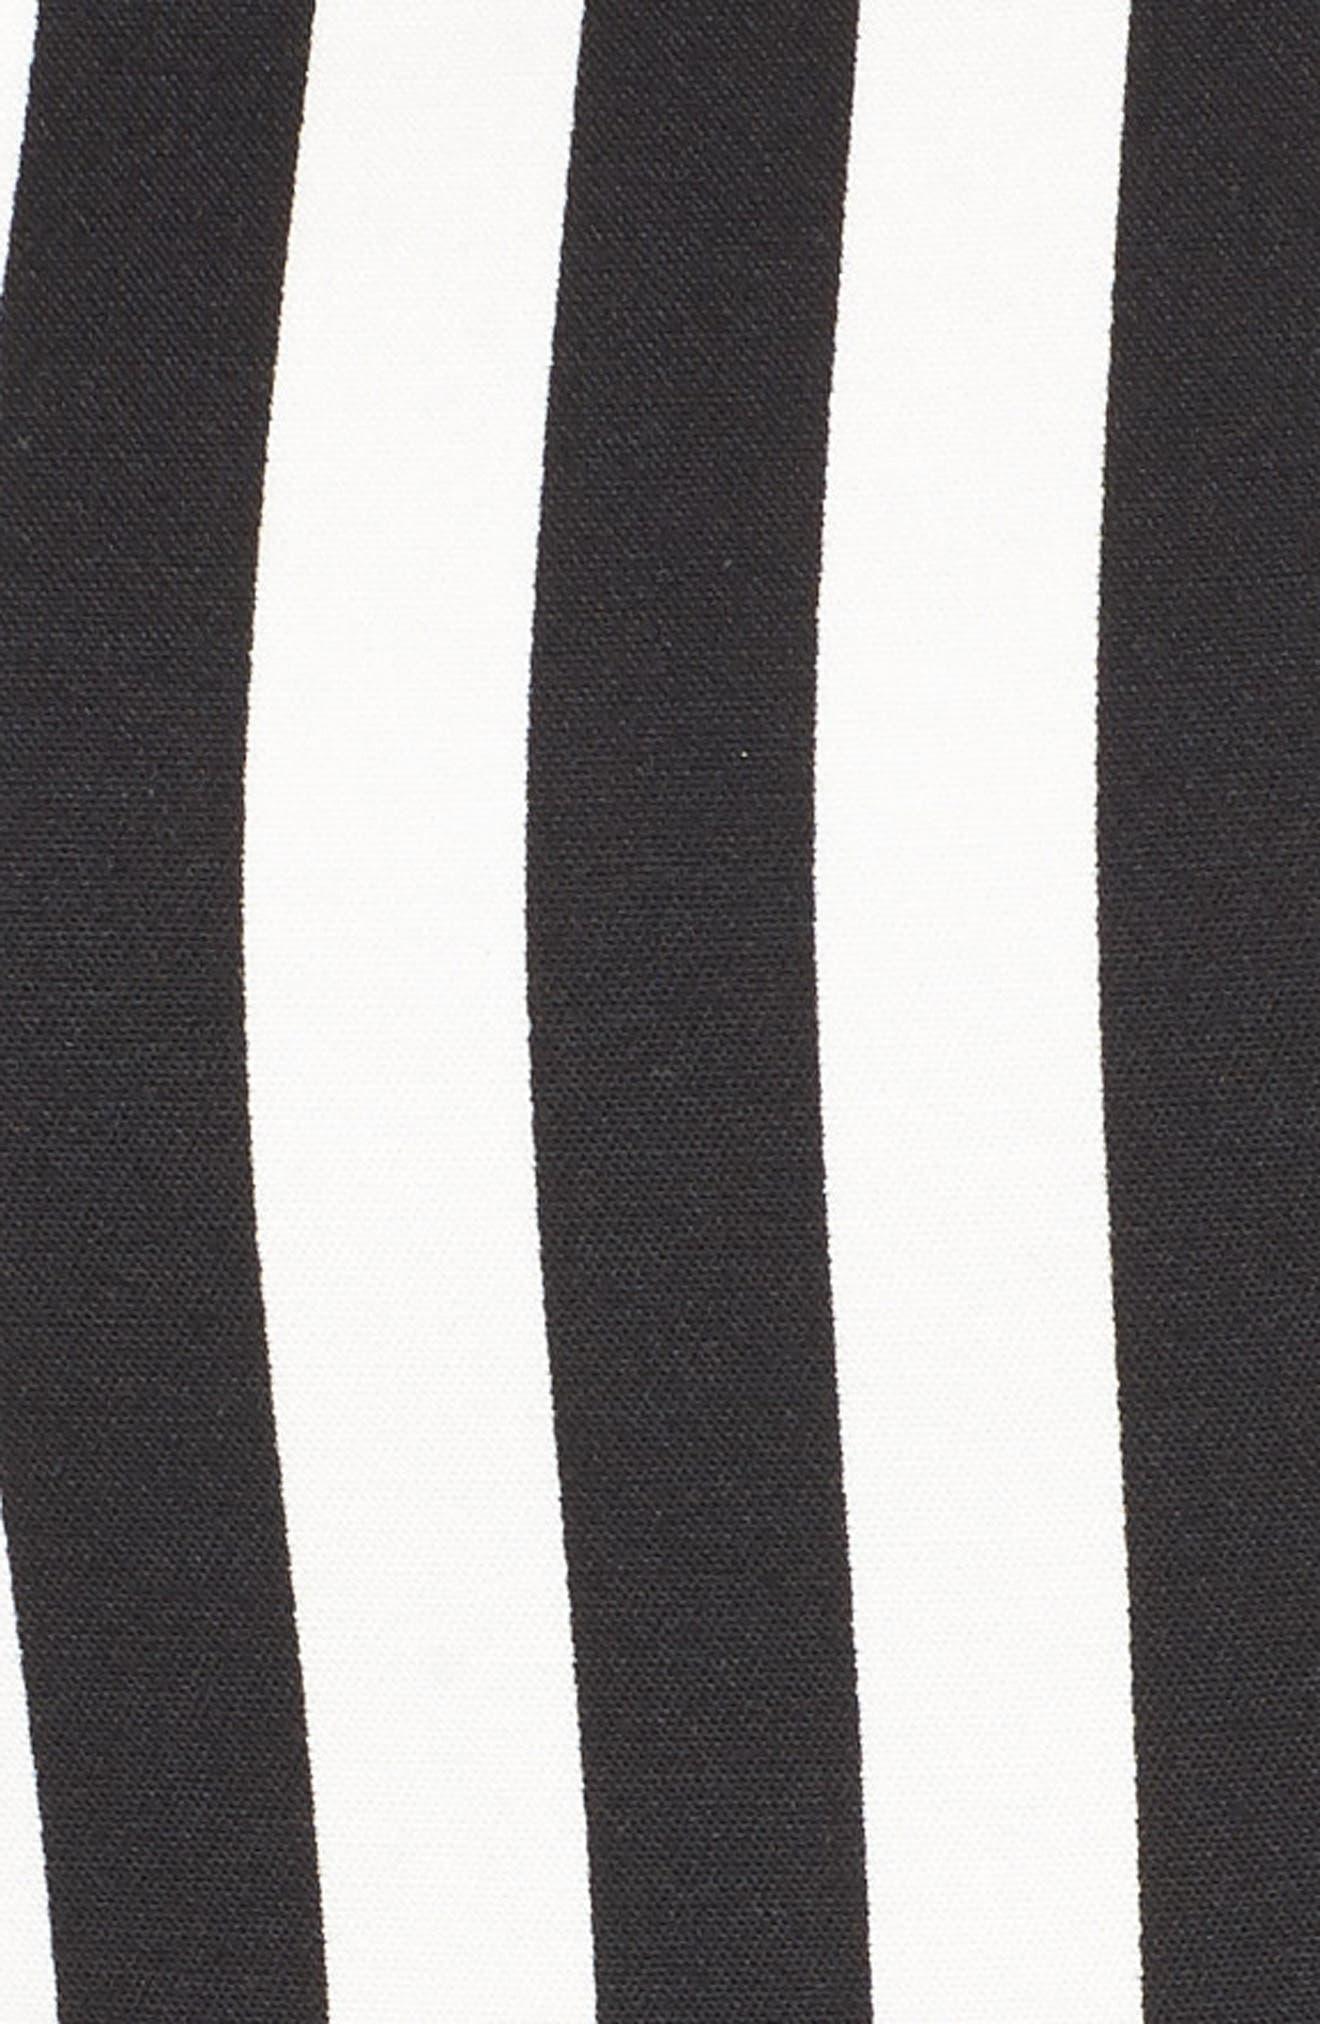 Stripe Fit & Flare Dress,                             Alternate thumbnail 5, color,                             Black Multi/ Black